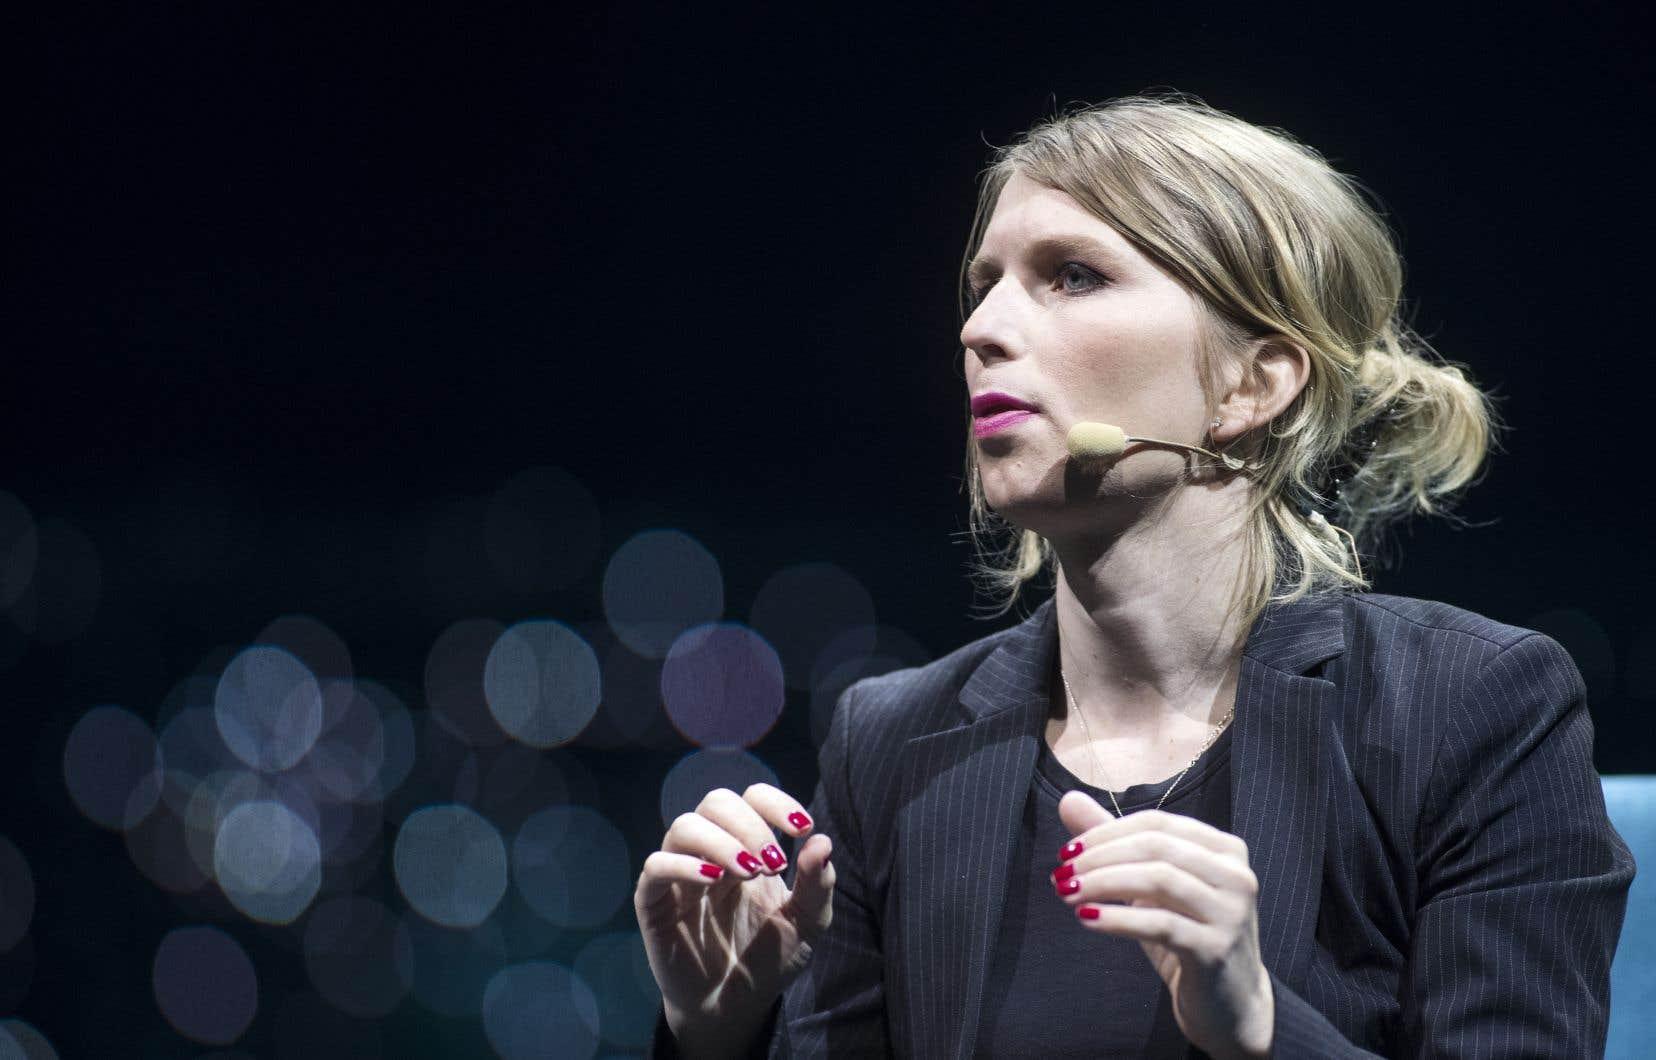 Selon Chelsea Manning, les procédures en cours aux États-Unis contre Julian Assange s'inscrivent dans une campagne menée par le gouvernement de Donald Trump contre les journalistes.